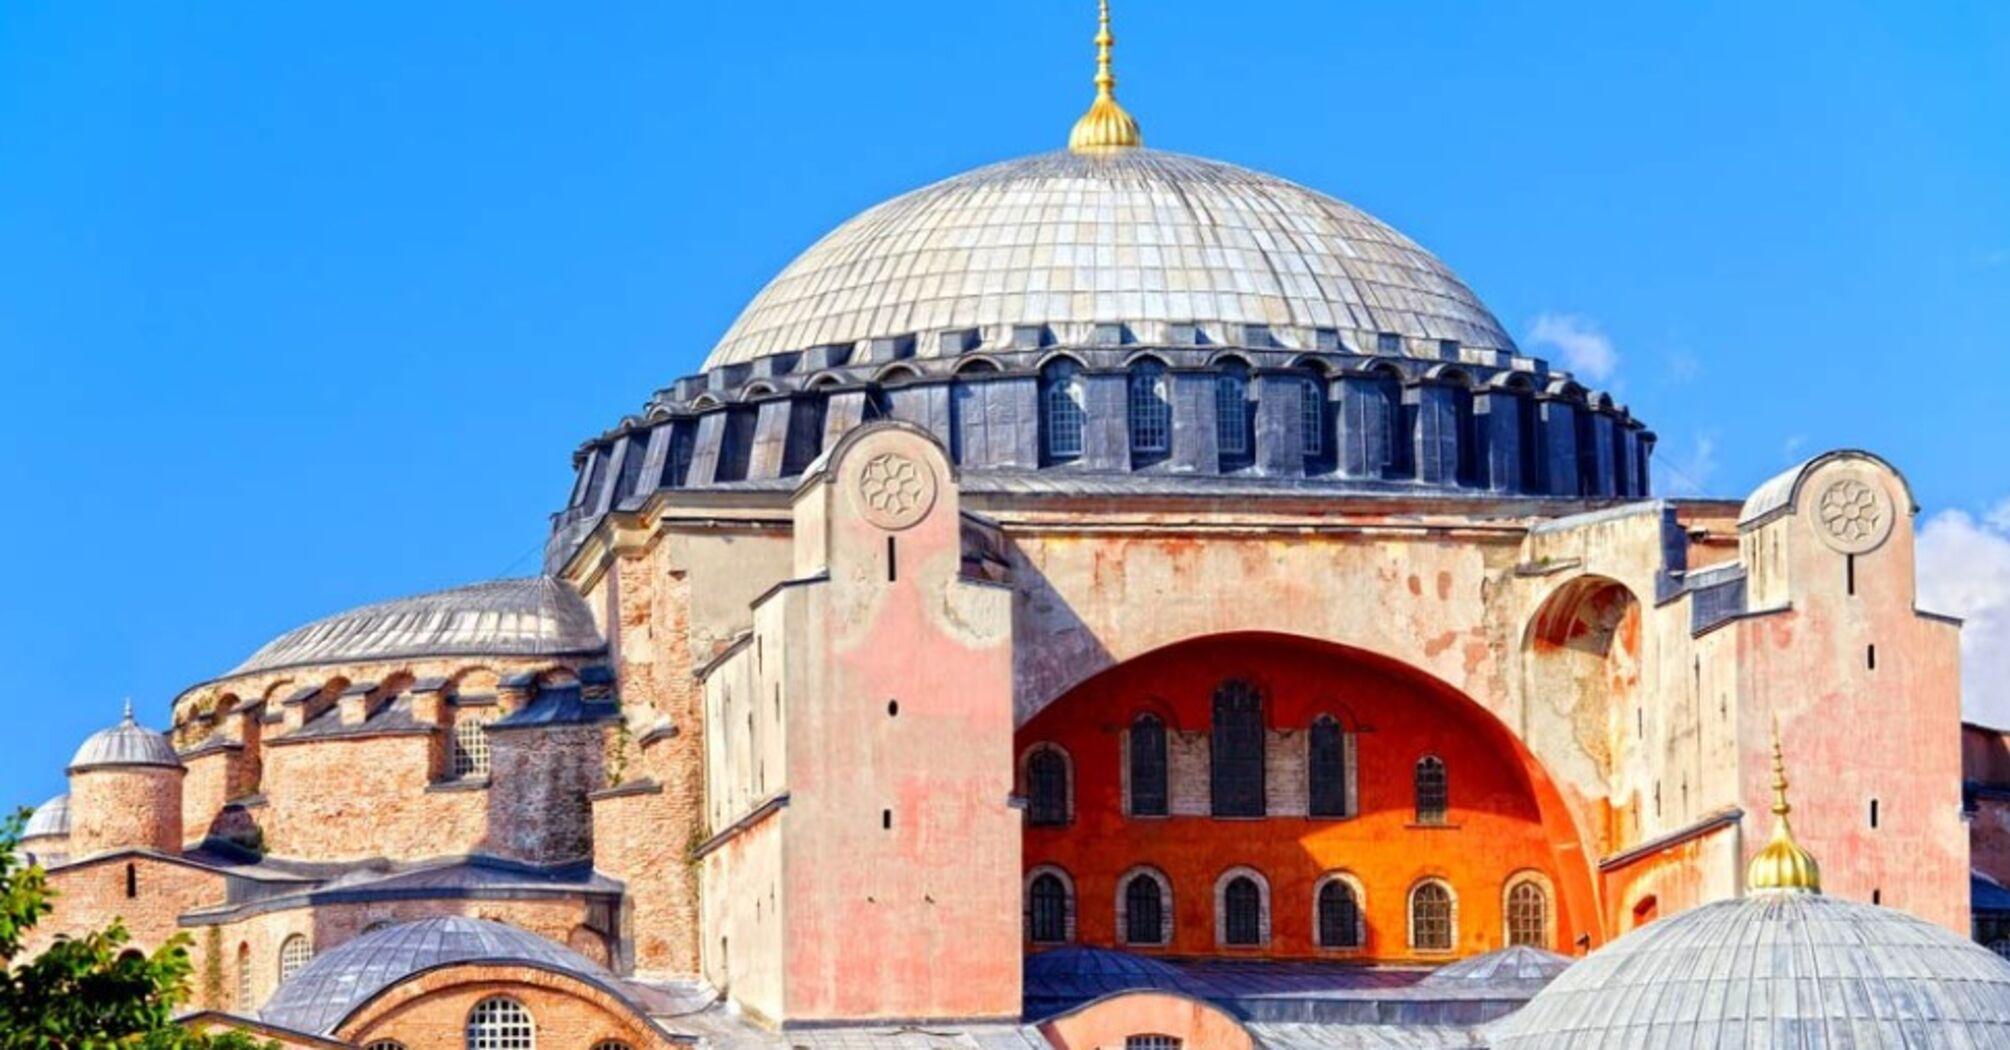 Свята Софія в Стамбулі стане мечеттю: як Ердоган веде Туреччину в нетрі ісламізму